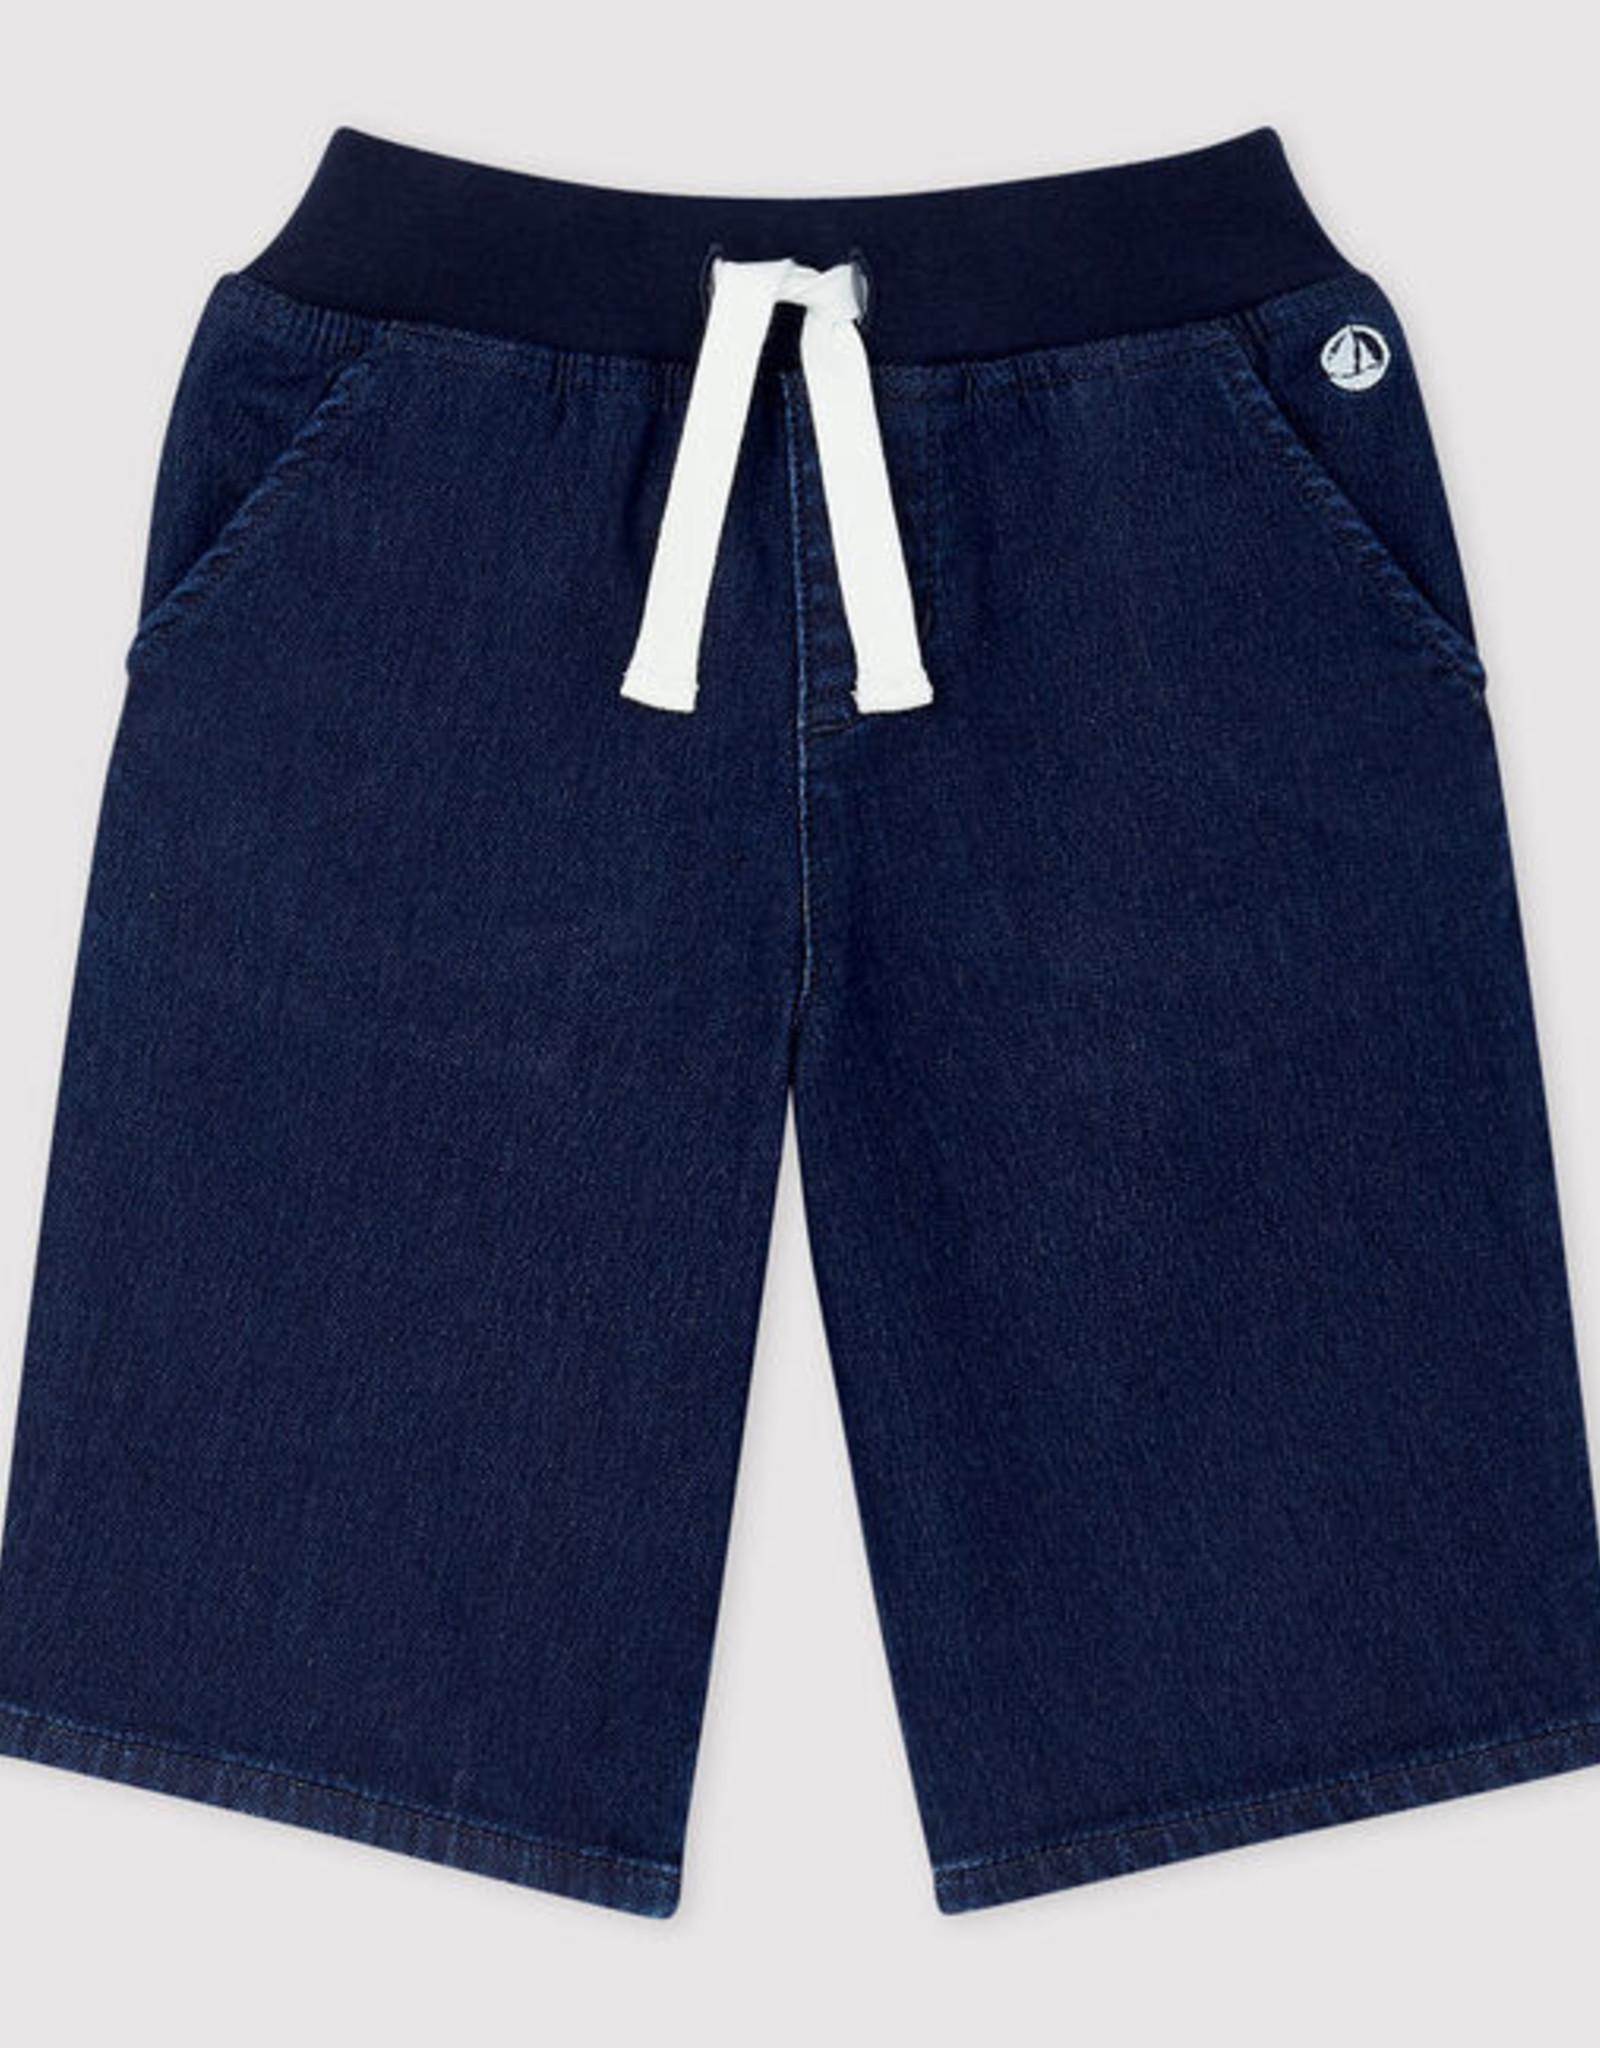 Petit Bateau Denim Bermuda Shorts